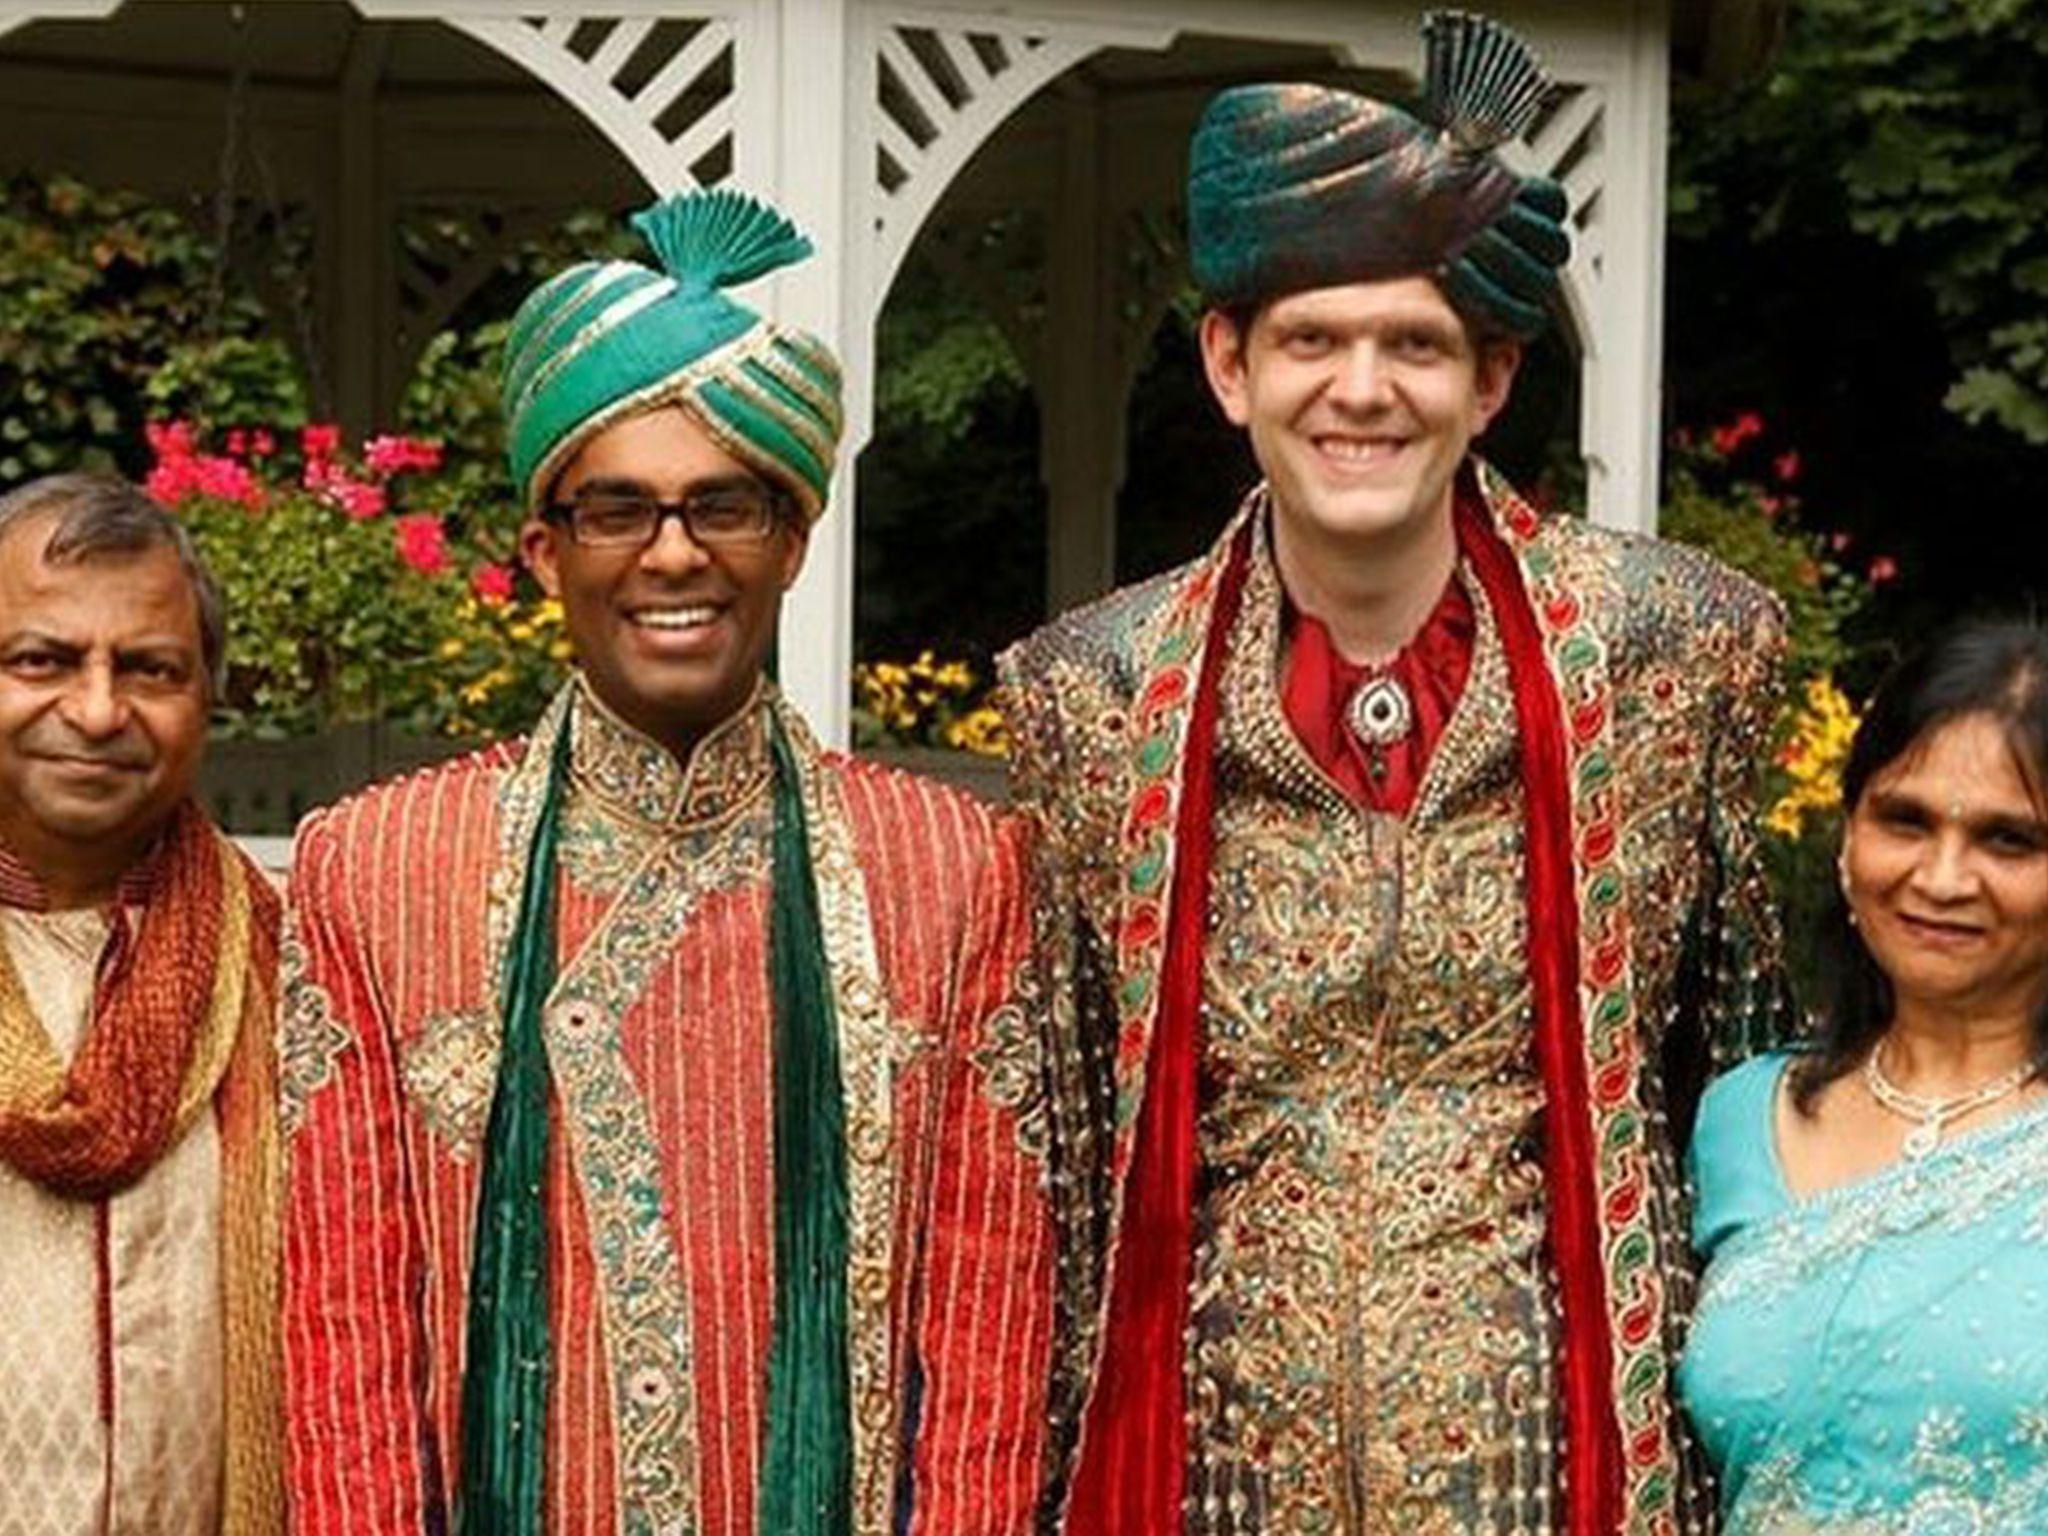 Hindu muslimien dating sitedating sites Altoona PA